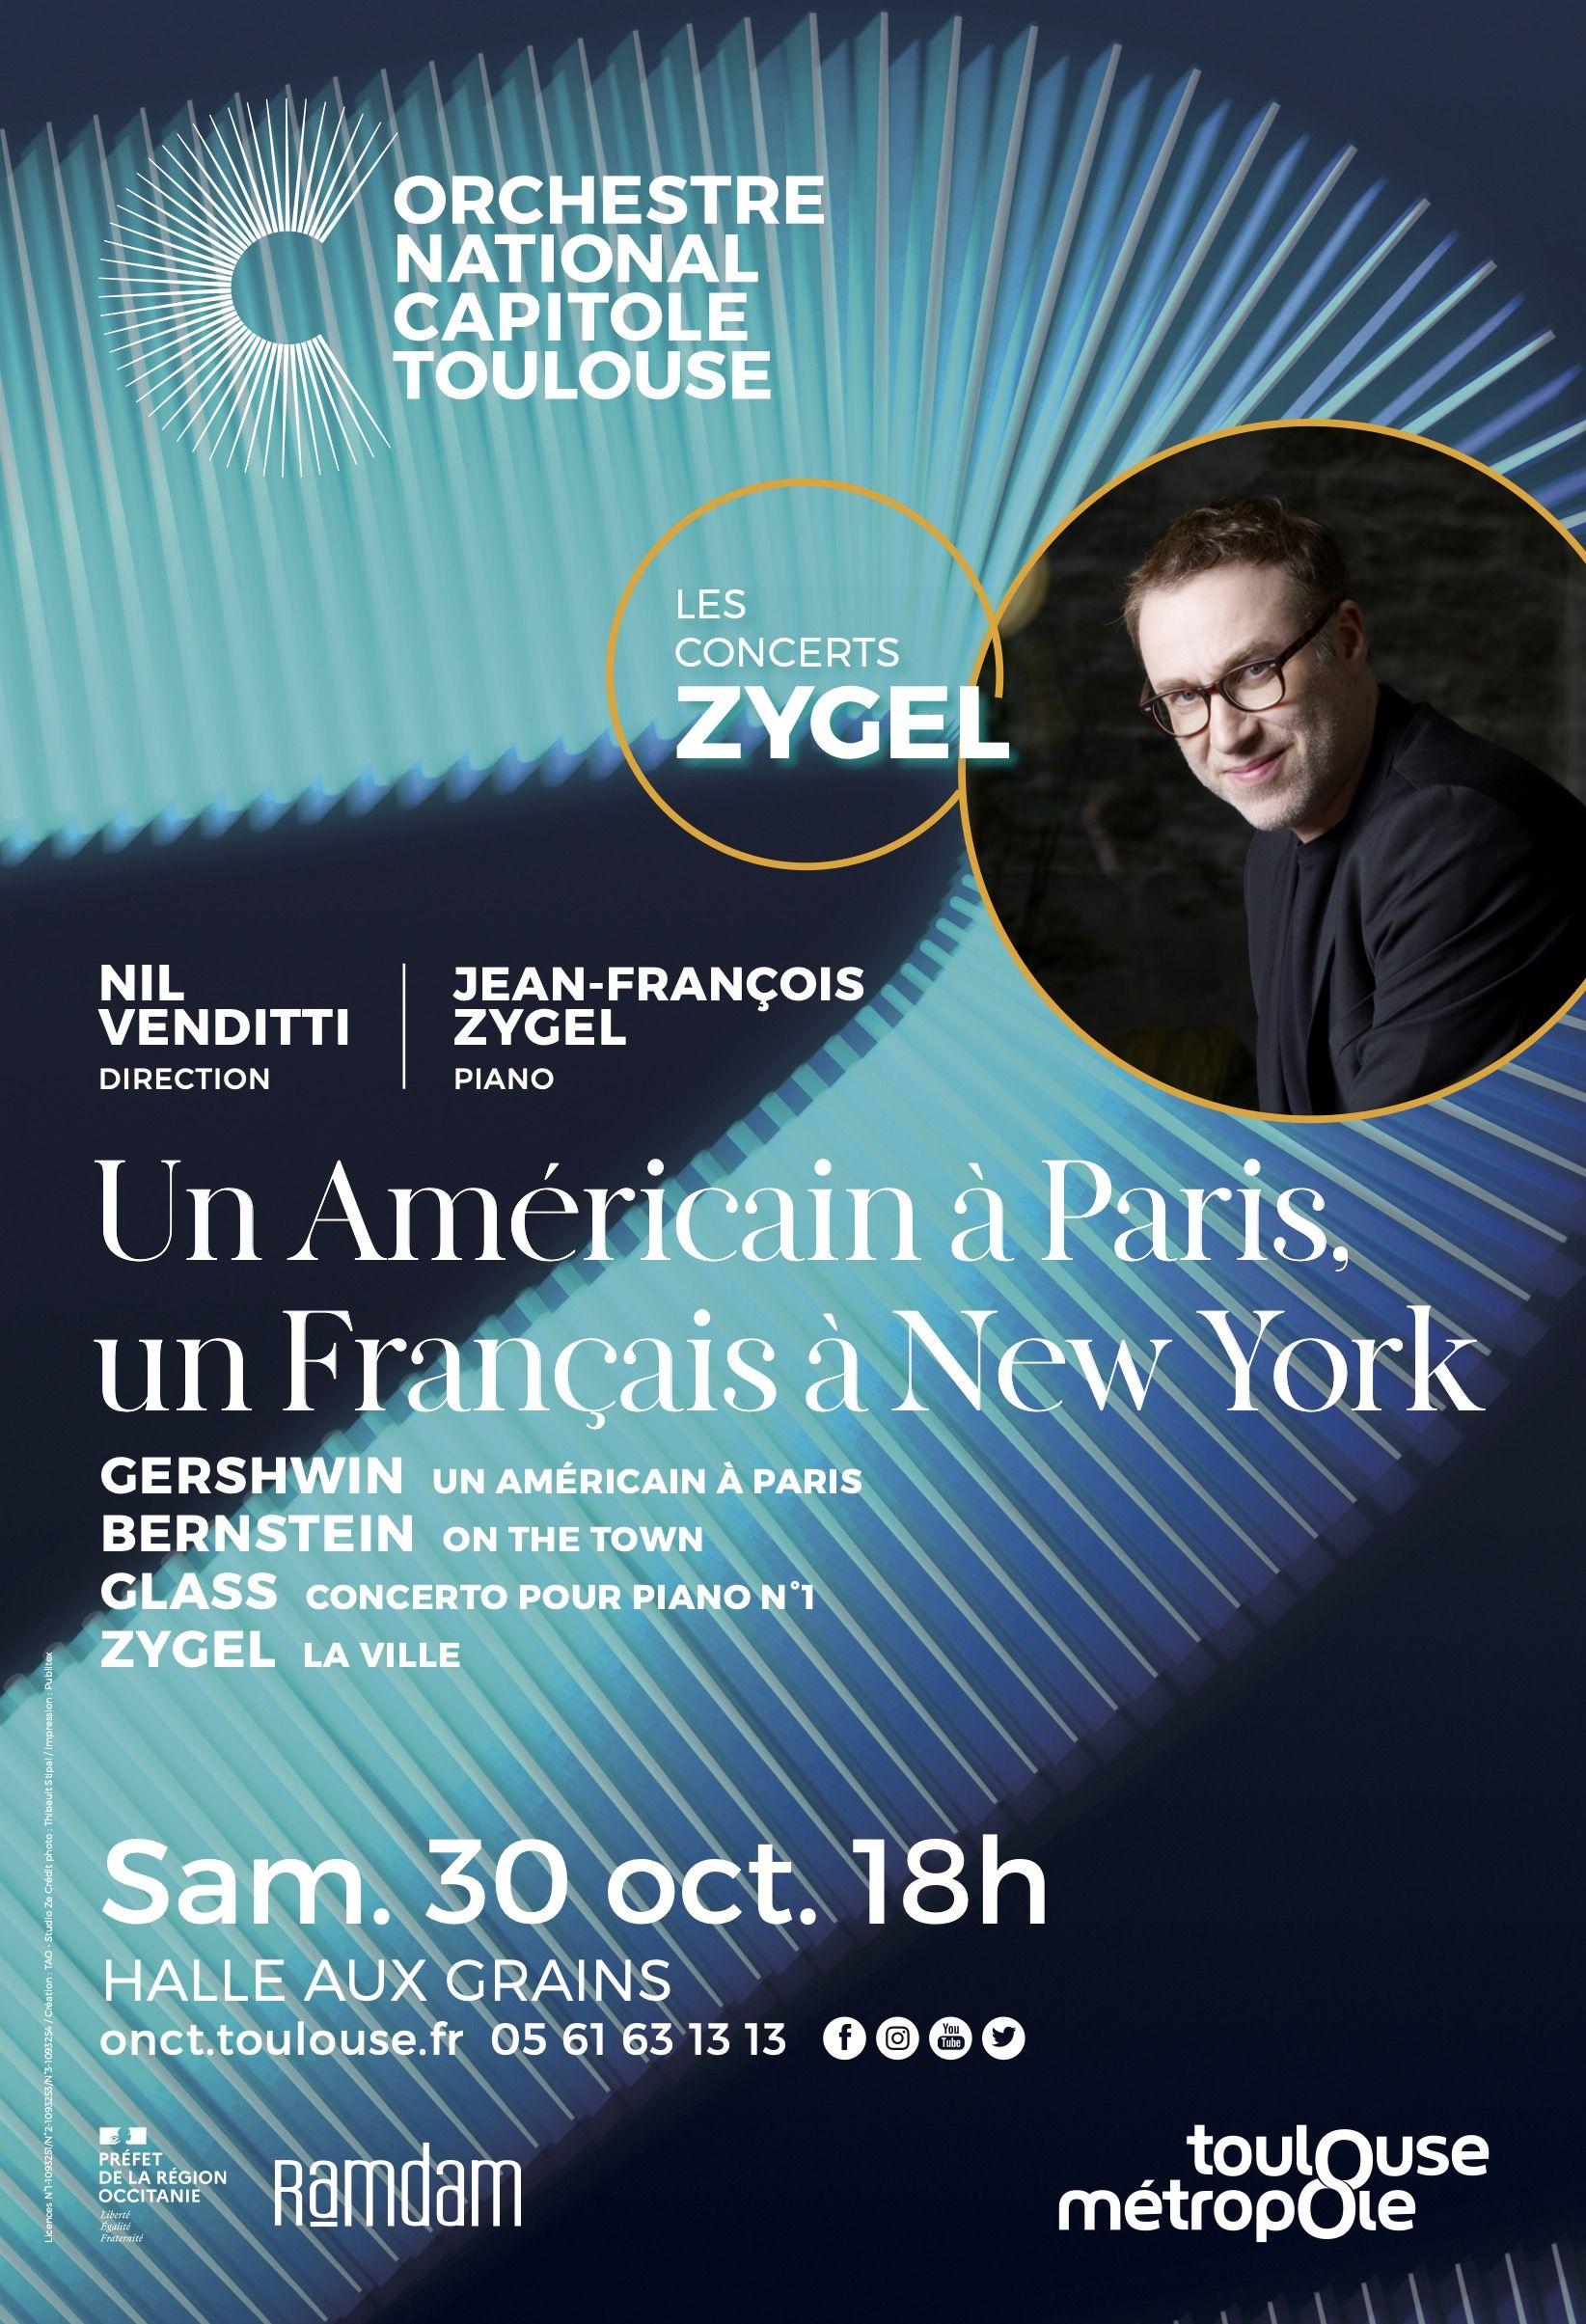 Orchestre national du Capitole - Concerts Zygel